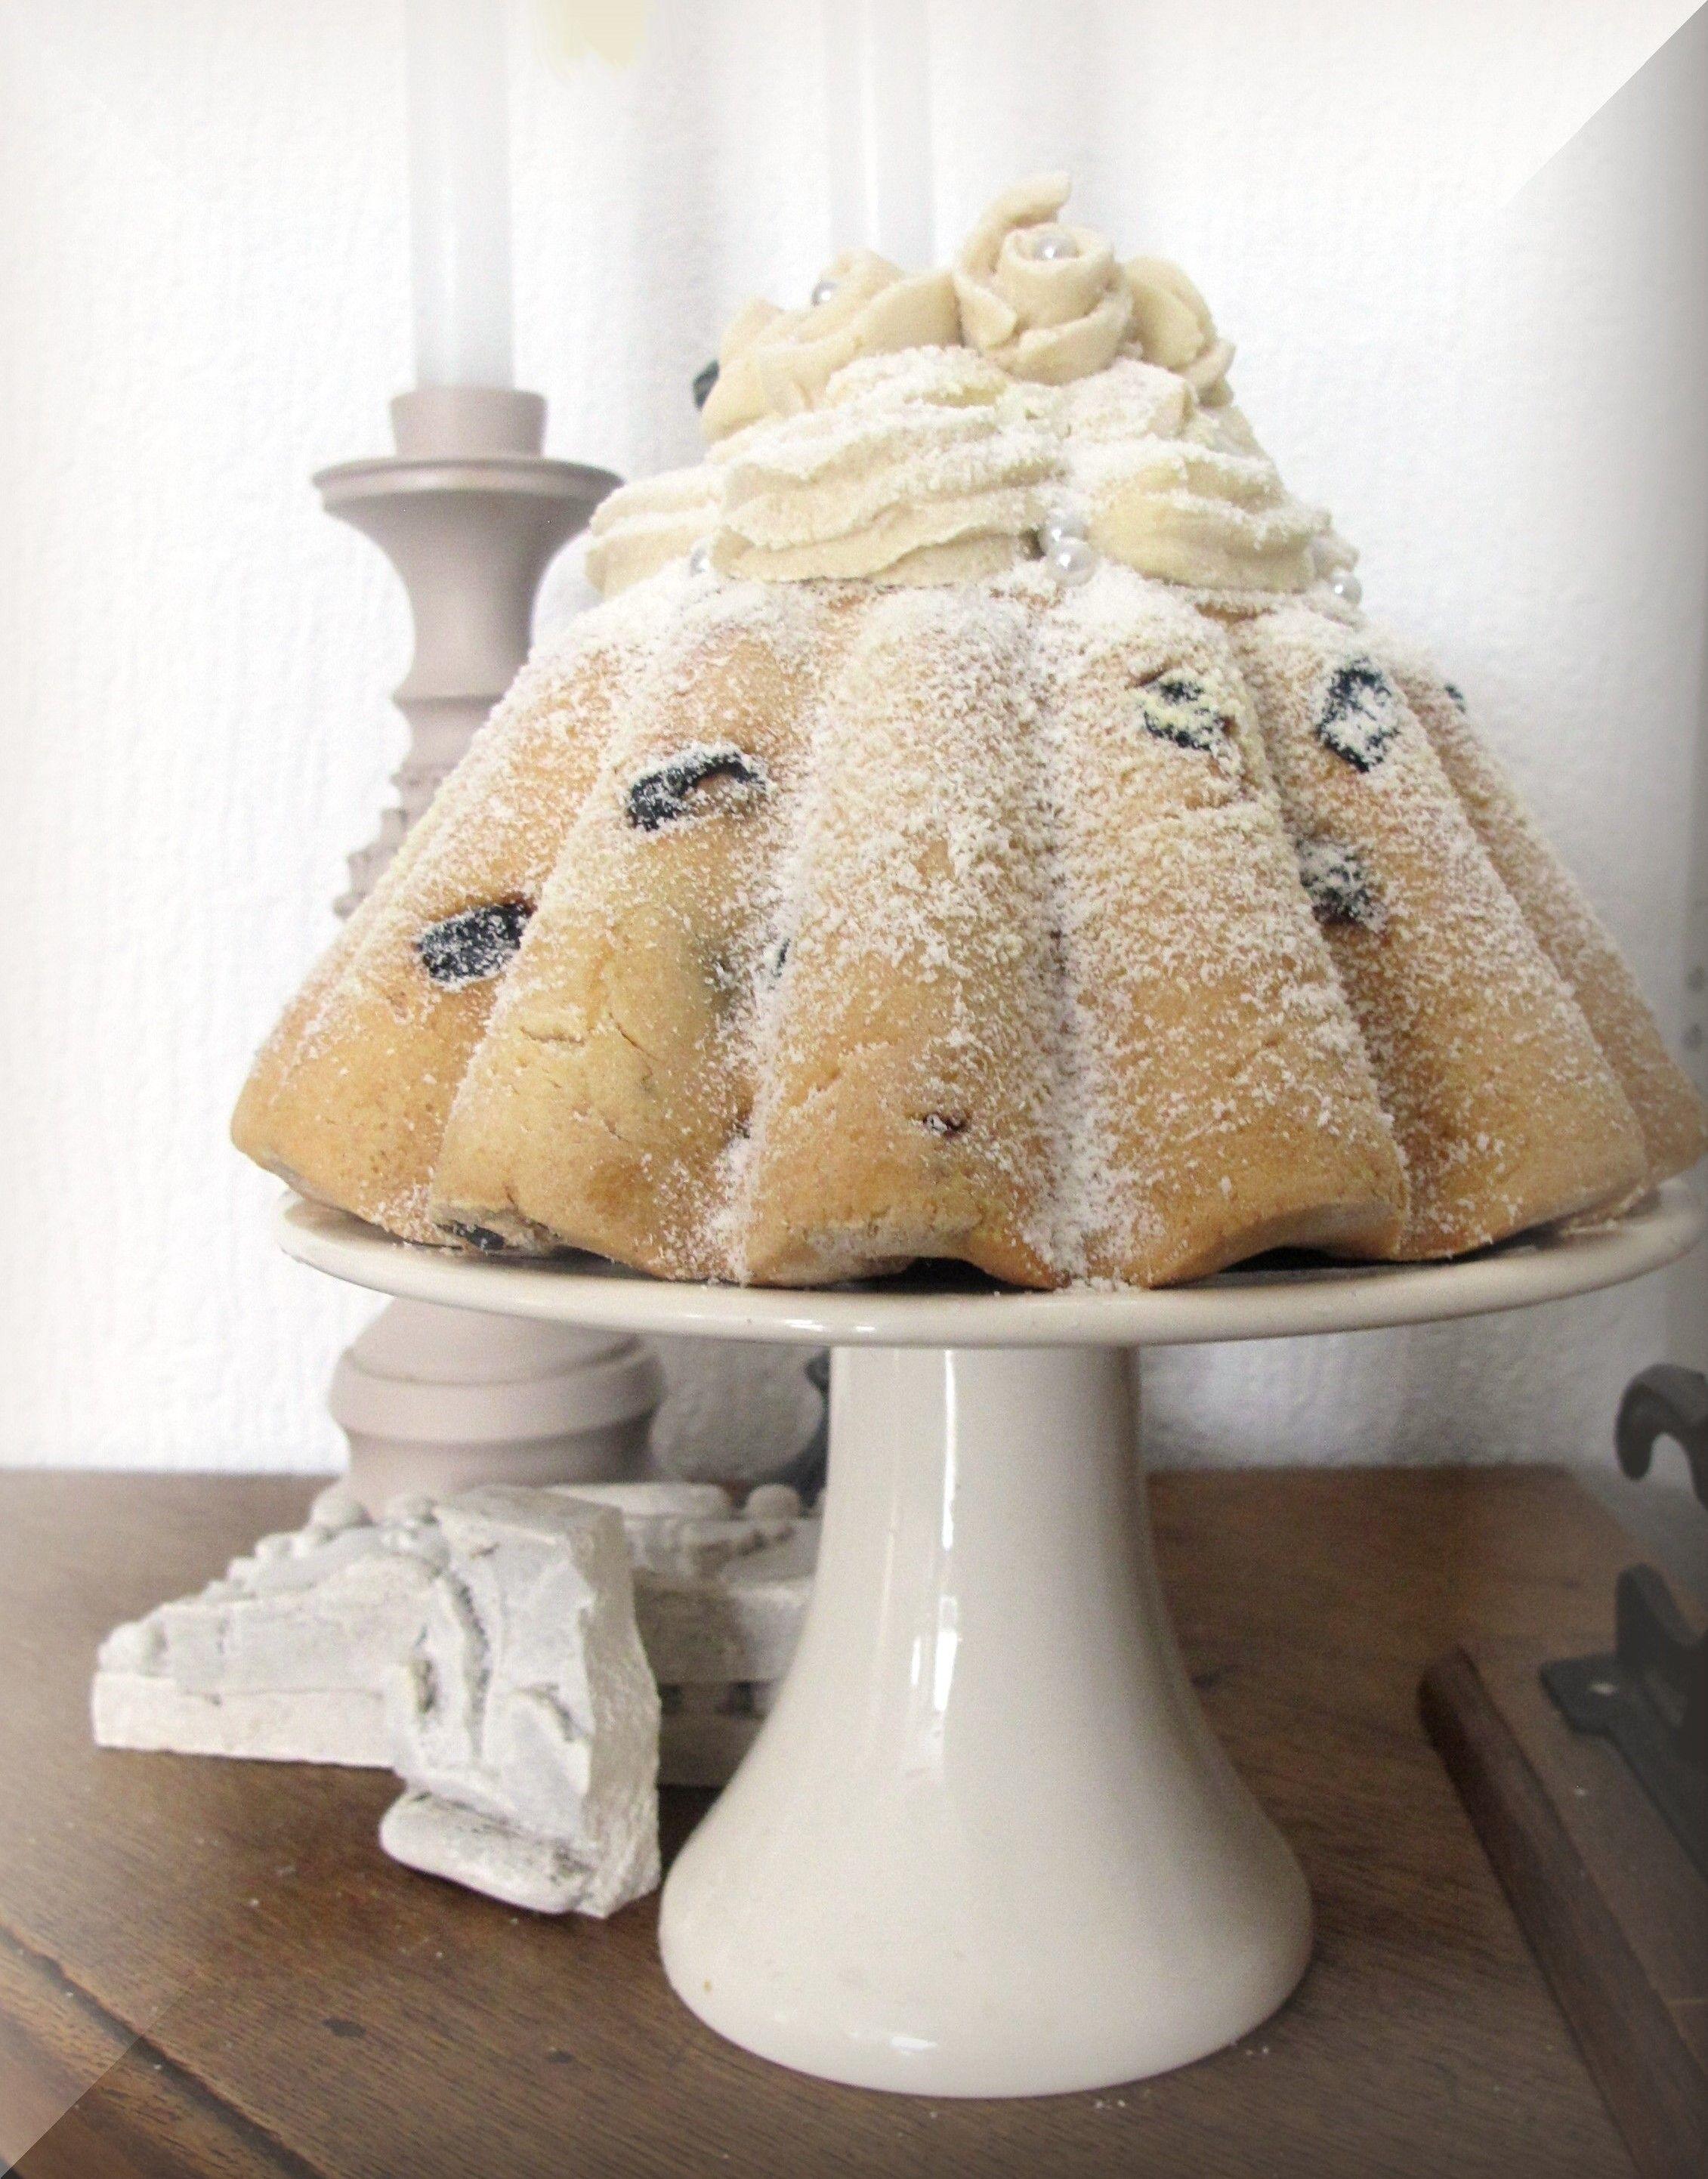 Chique taart in de zoutdeeg echte rozijnen gedaan for Decoratie nep snoep